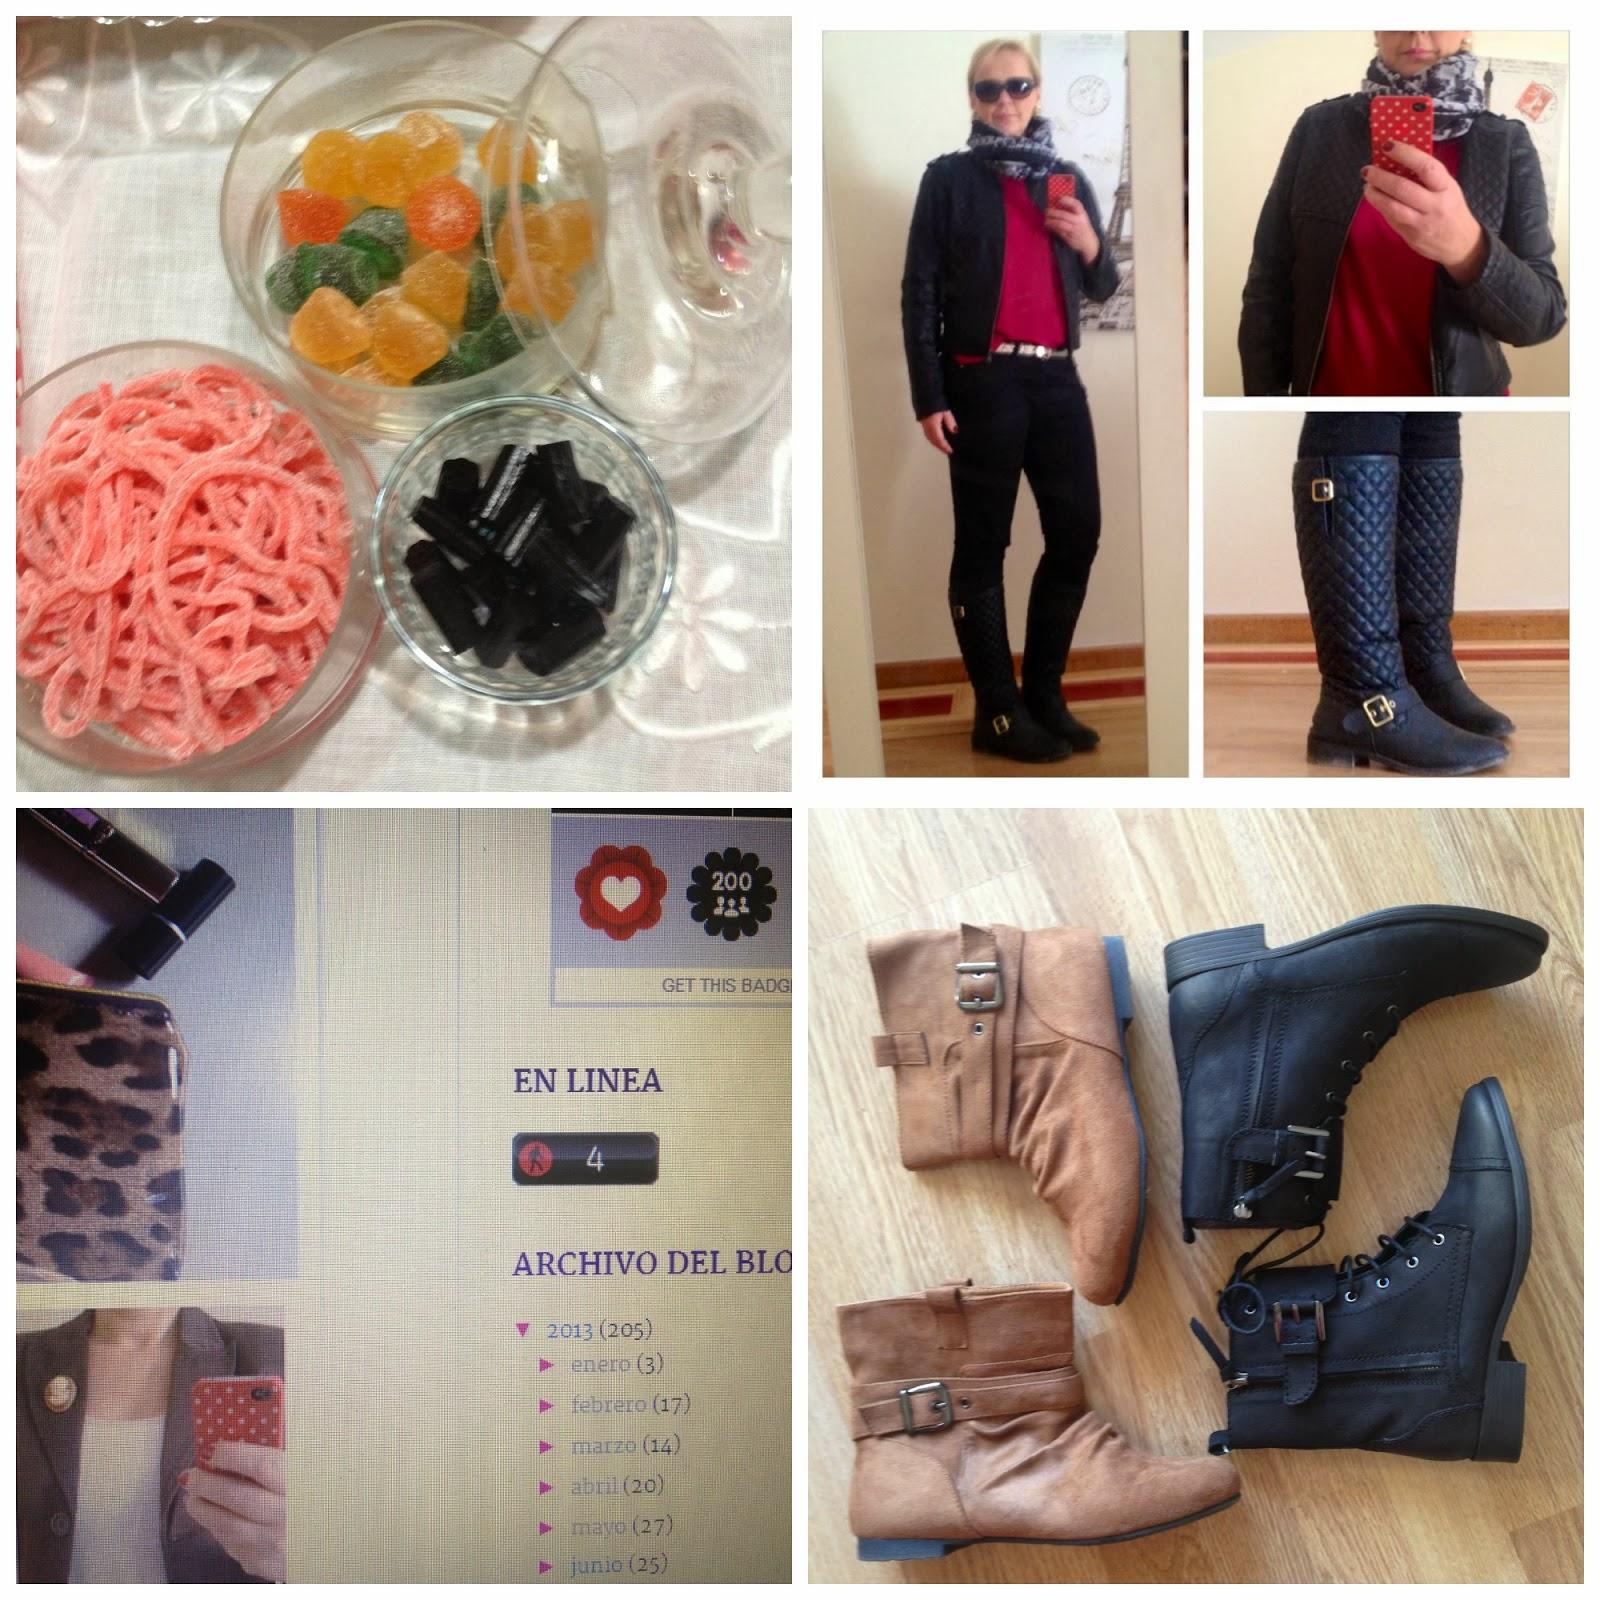 Mi blog instagram semanas 46 y 47 2013 - Stilreich blog instagram ...